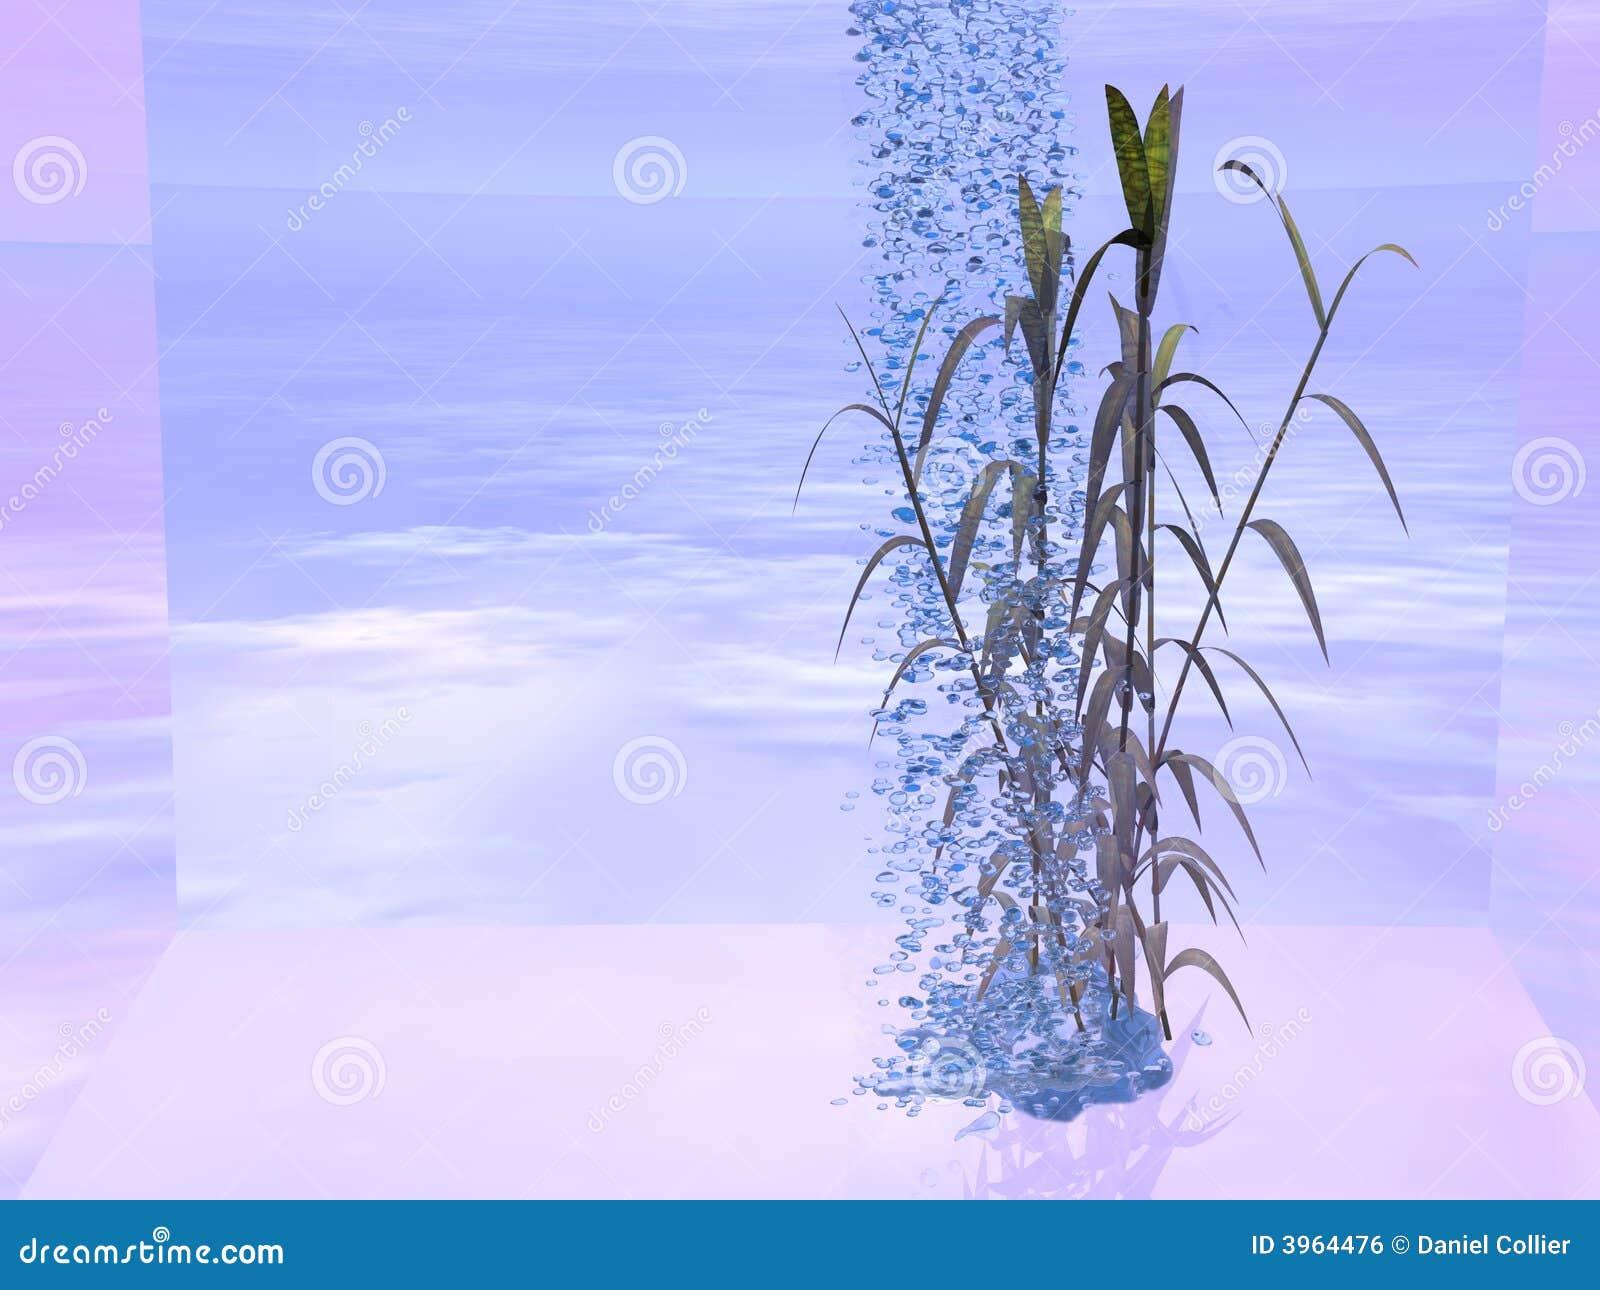 Wasserfall Und Bambus Stock Abbildung Illustration Von Nass 3964476